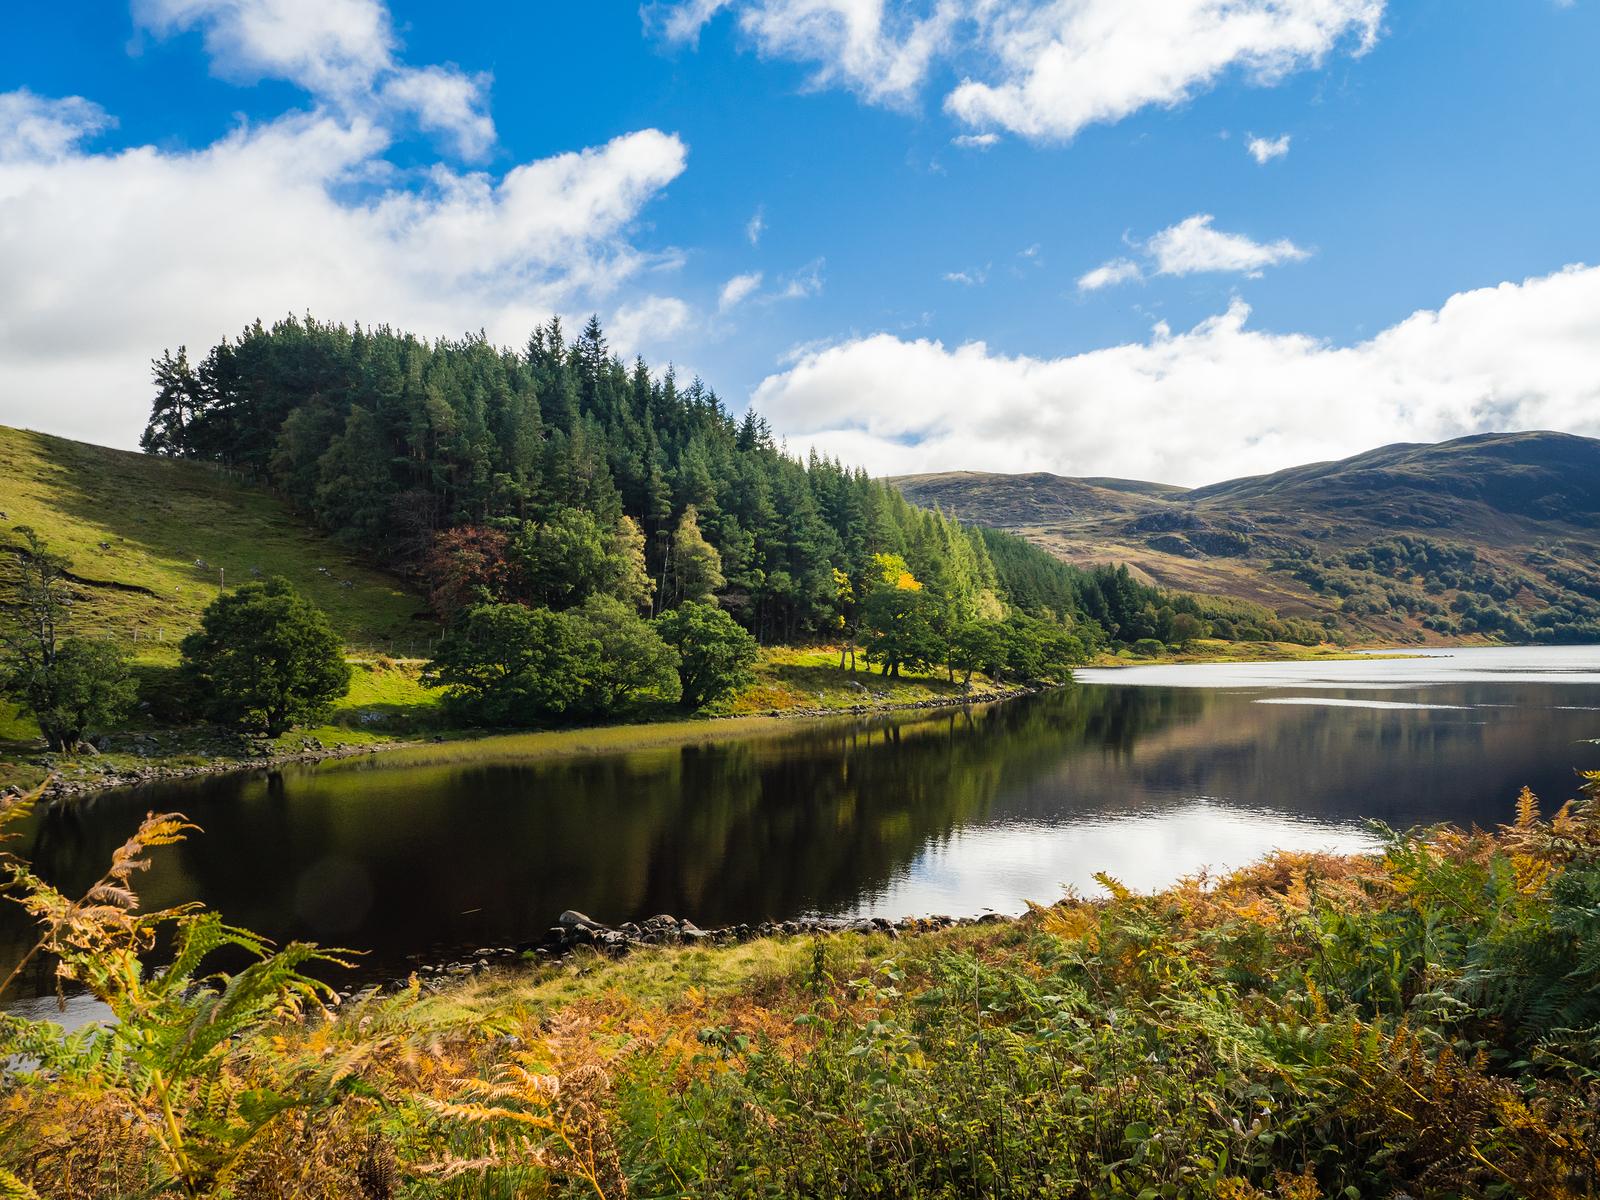 Loch Killin, in the Scottish Highlands